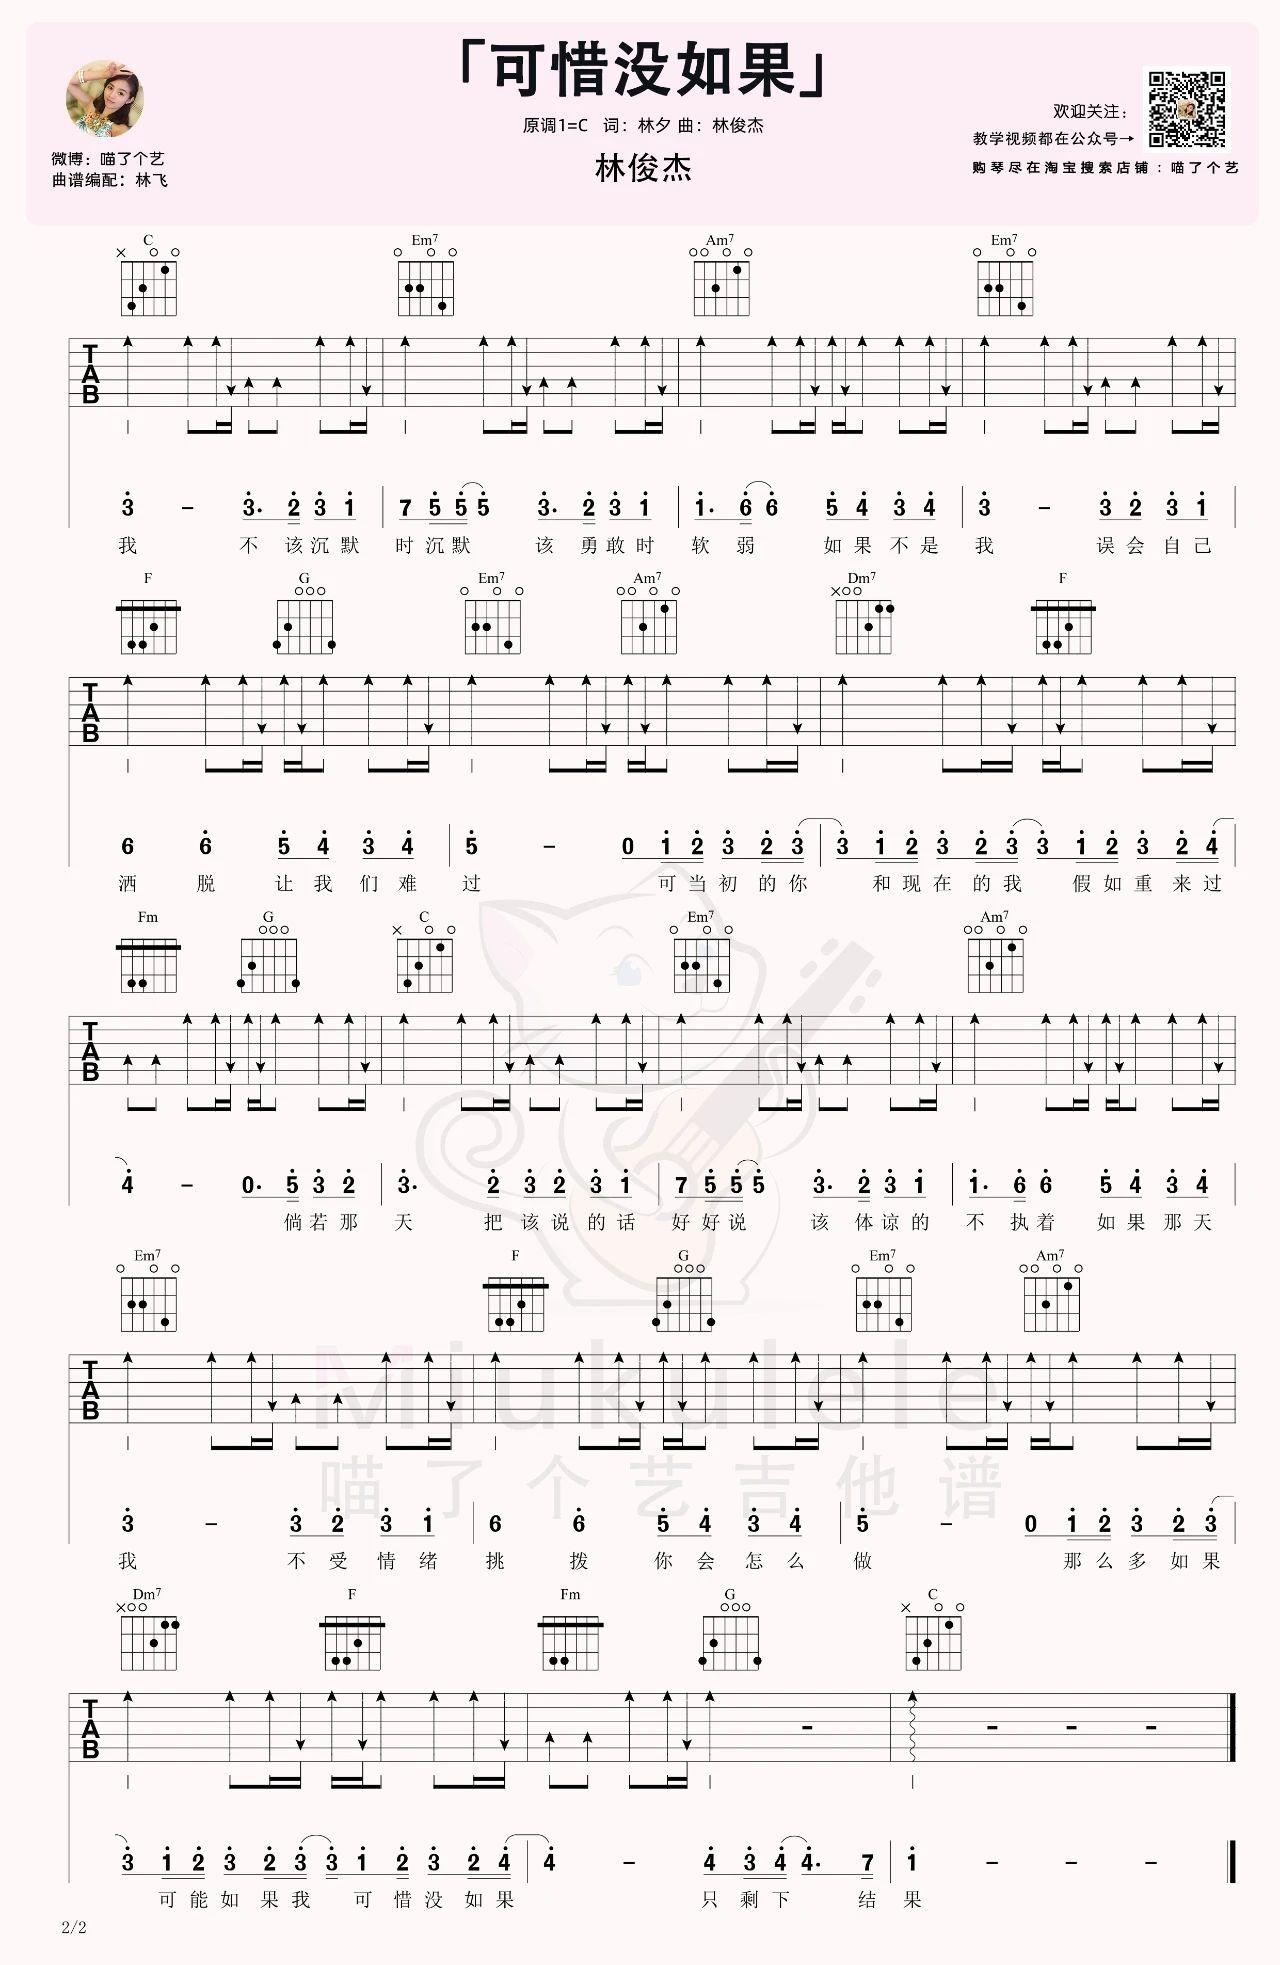 吉他派《可惜没如果》吉他谱-2